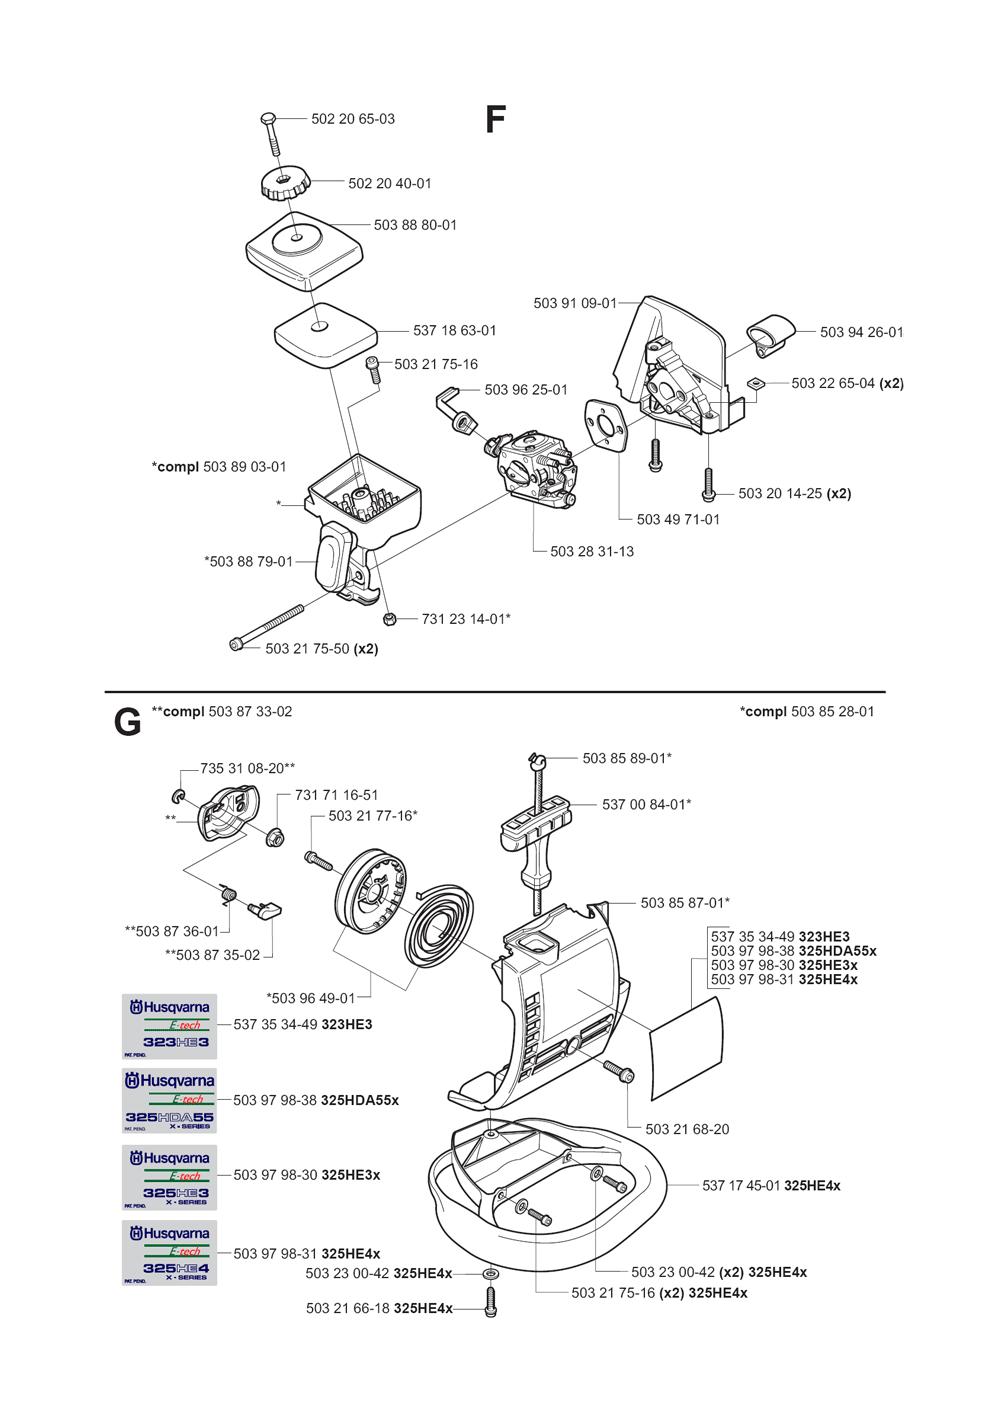 325HDA55X-(5440584-01)-Husqvarna-PB-4Break Down